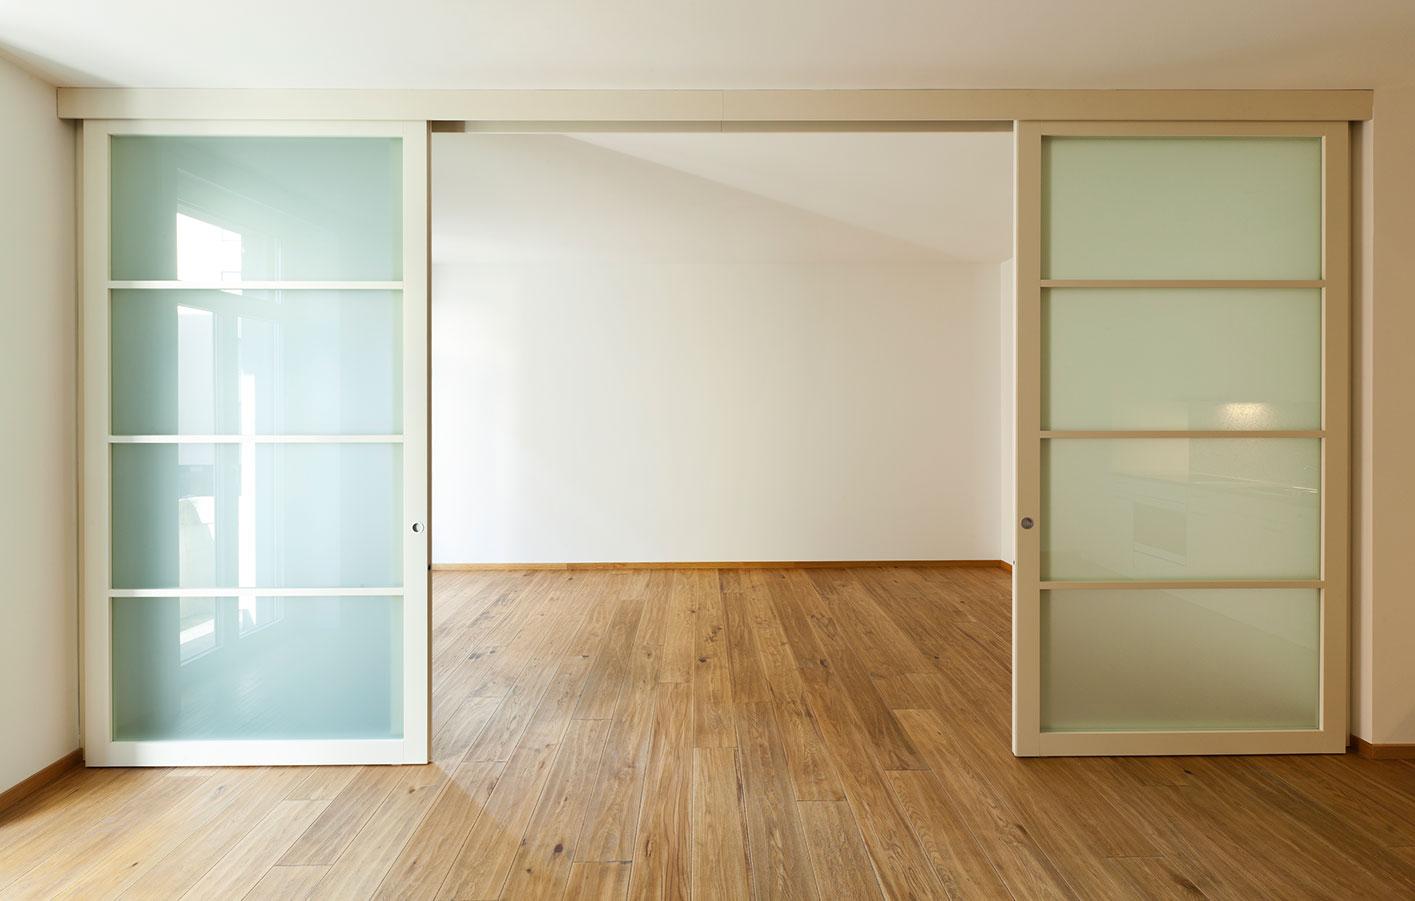 Raumteiler Tur Faltbare Trennwand Fds Paravent Holz Umkleide